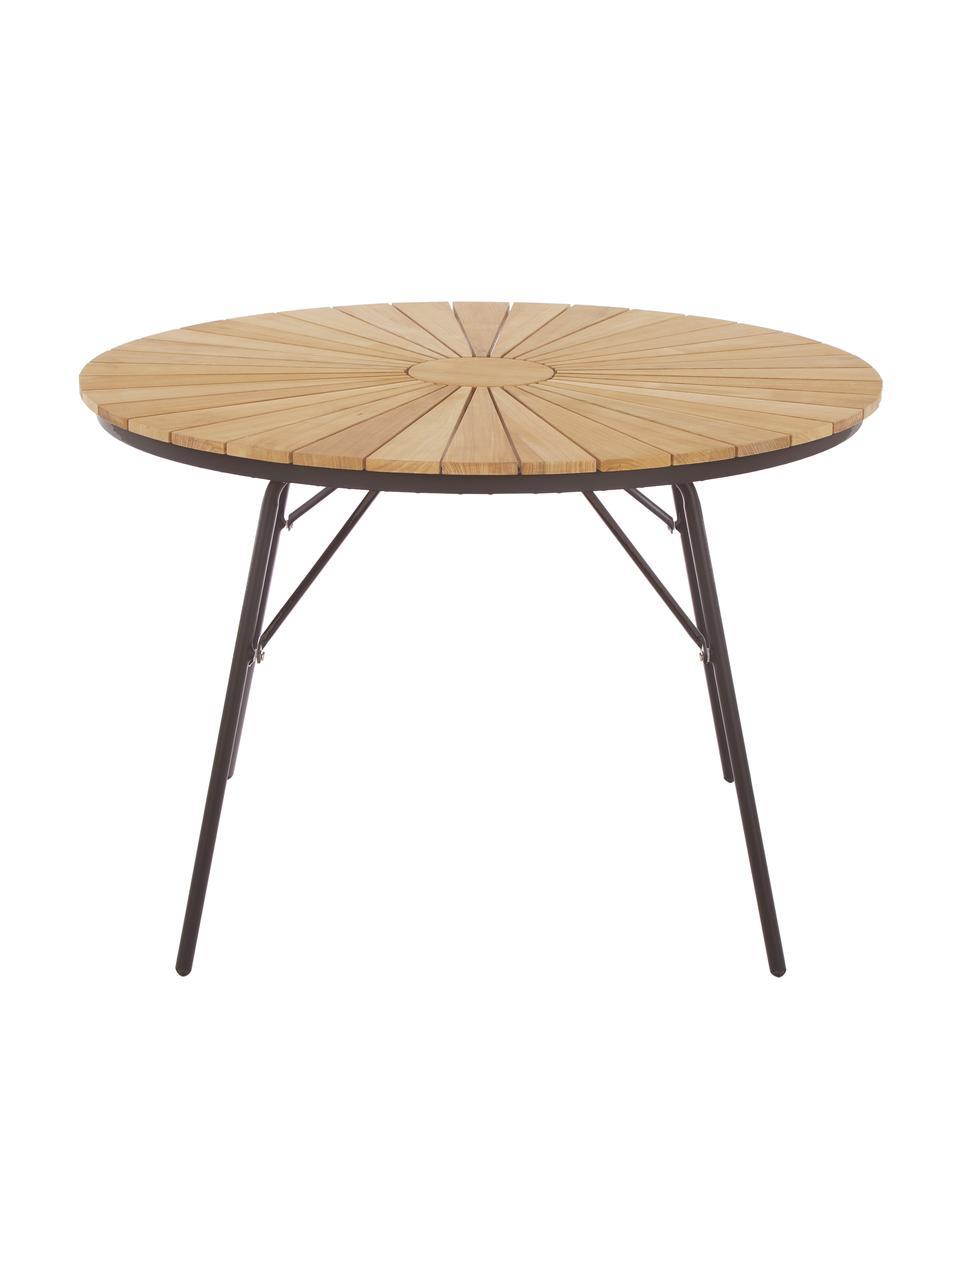 Tavolo da giardino in legno e metallo Hard & Ellen, Piano d'appoggio: legno di teak sabbiato Po, Antracite, teak, Ø 130 x Alt. 73 cm